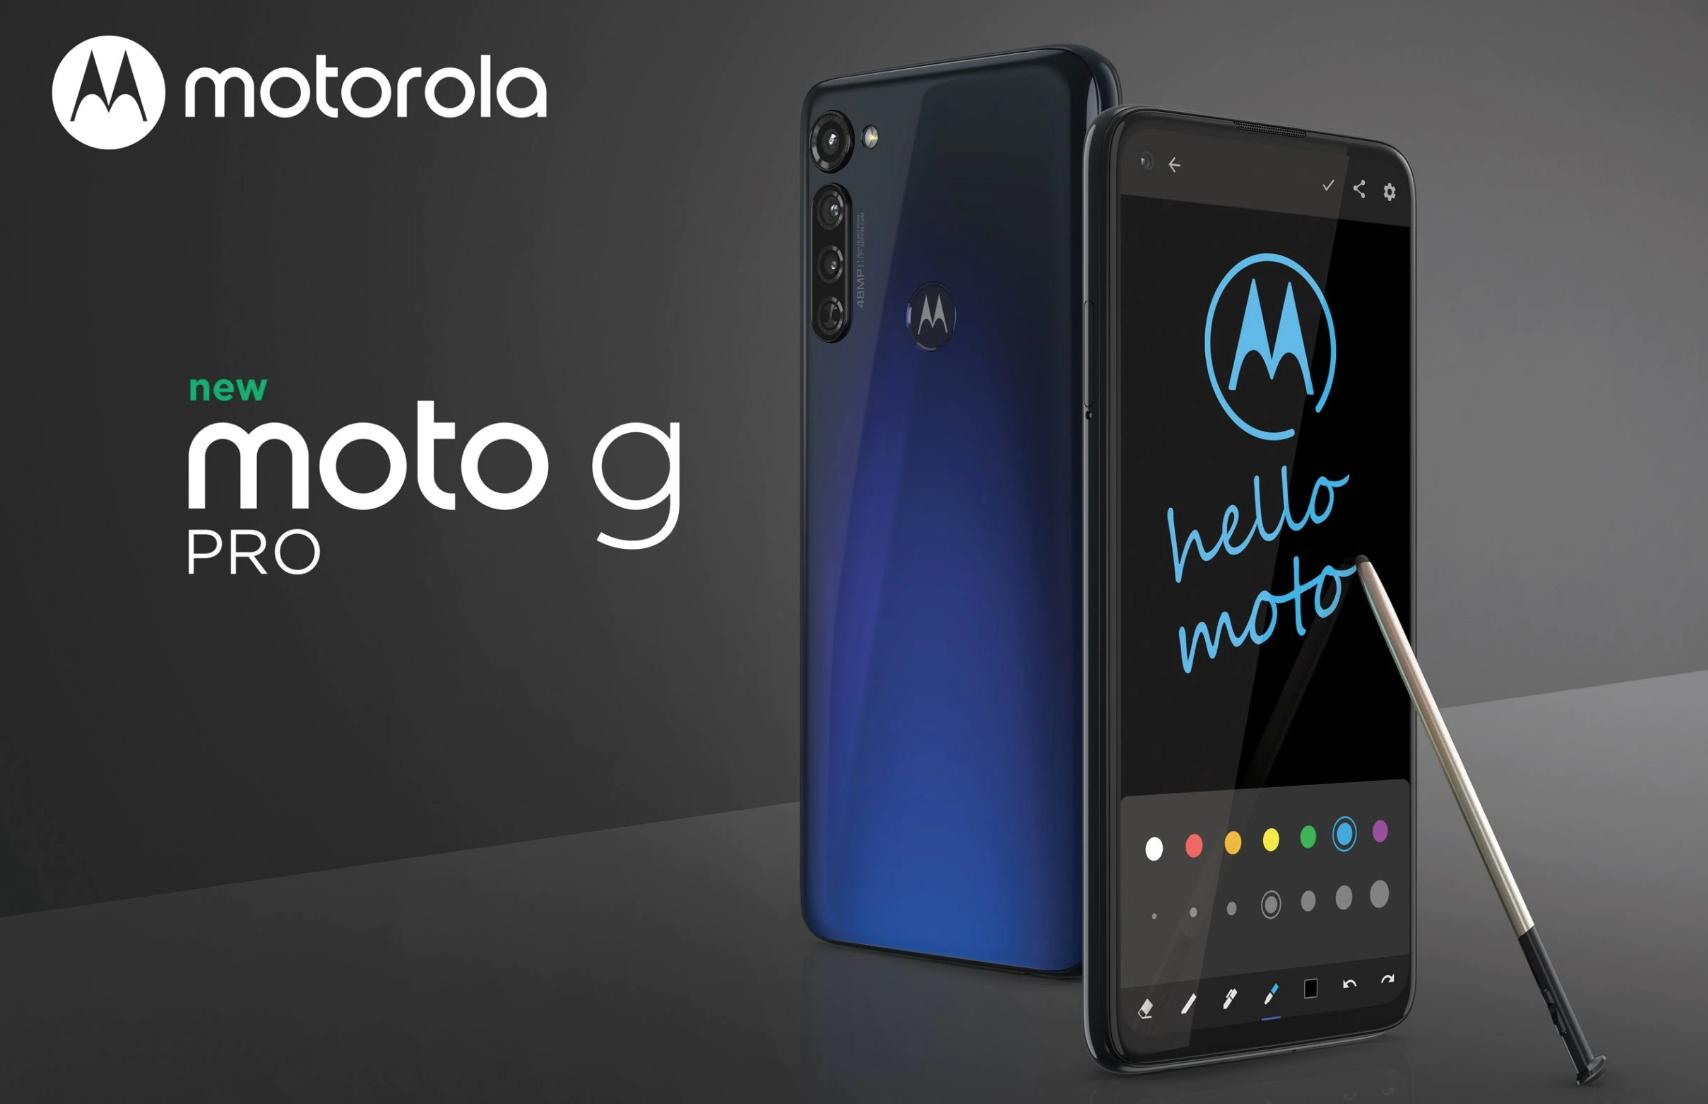 Motorola Moto G Pro ufficiale: pennino ed Android One ad un ottimo prezzo thumbnail